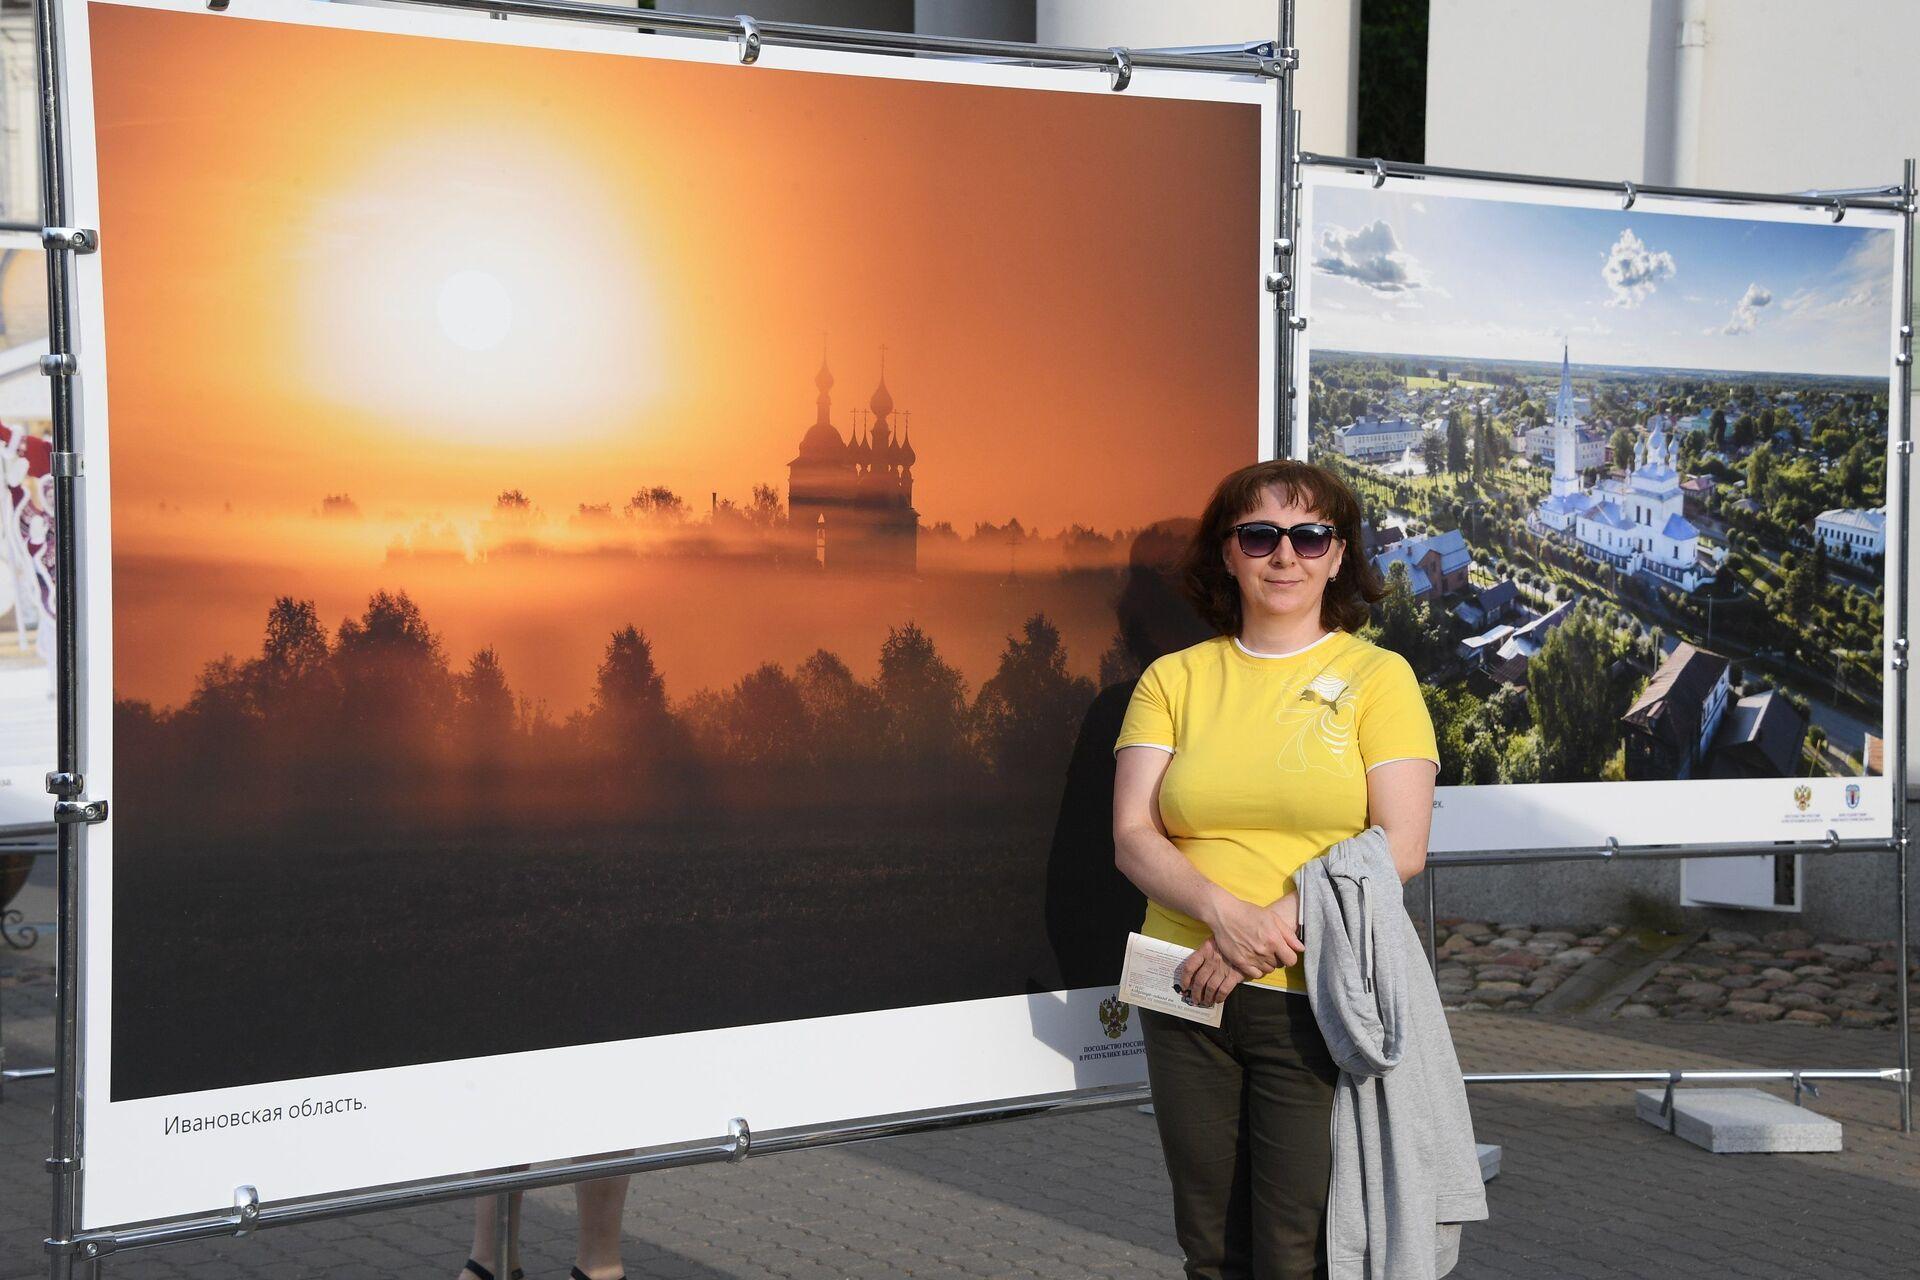 Выставка возле городской Ратуши в Минске, приуроченная Дню России - Sputnik Беларусь, 1920, 29.06.2021